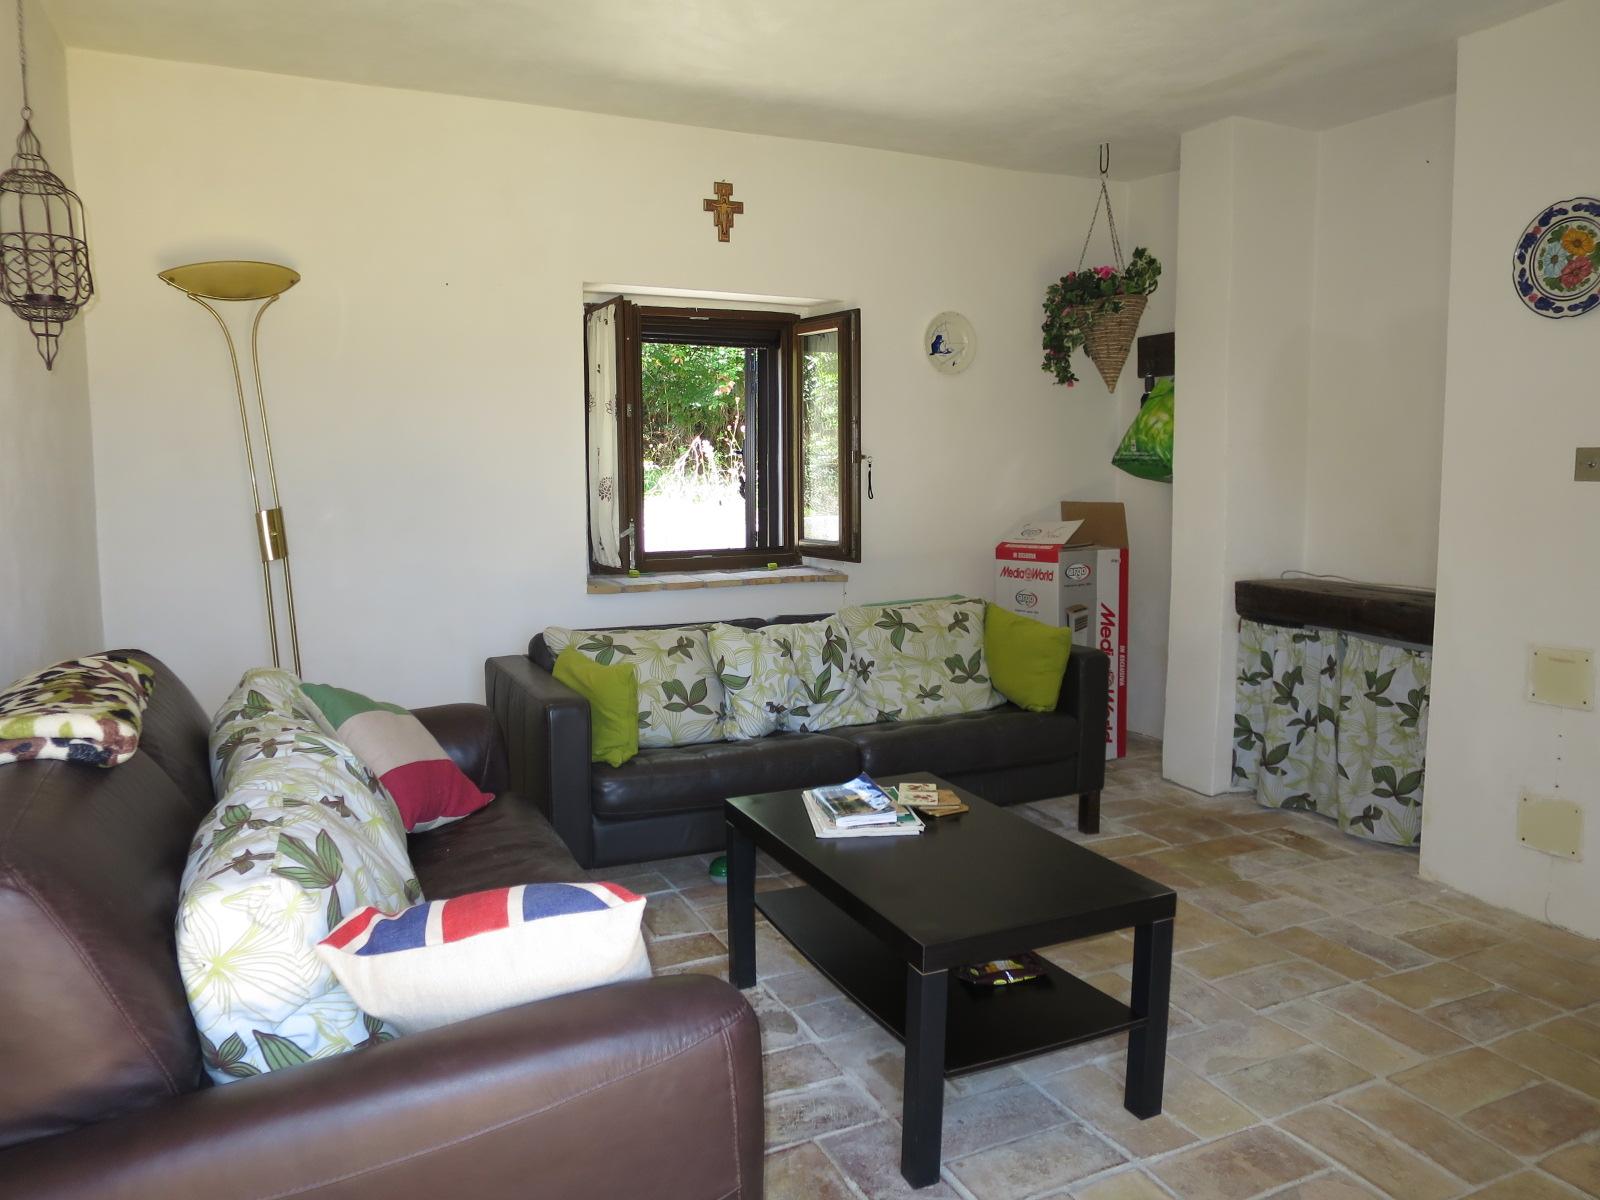 Casa di campagna Casa di campagna in vendita Montefino (TE), Casa Collina - Montefino - EUR 151.447 320